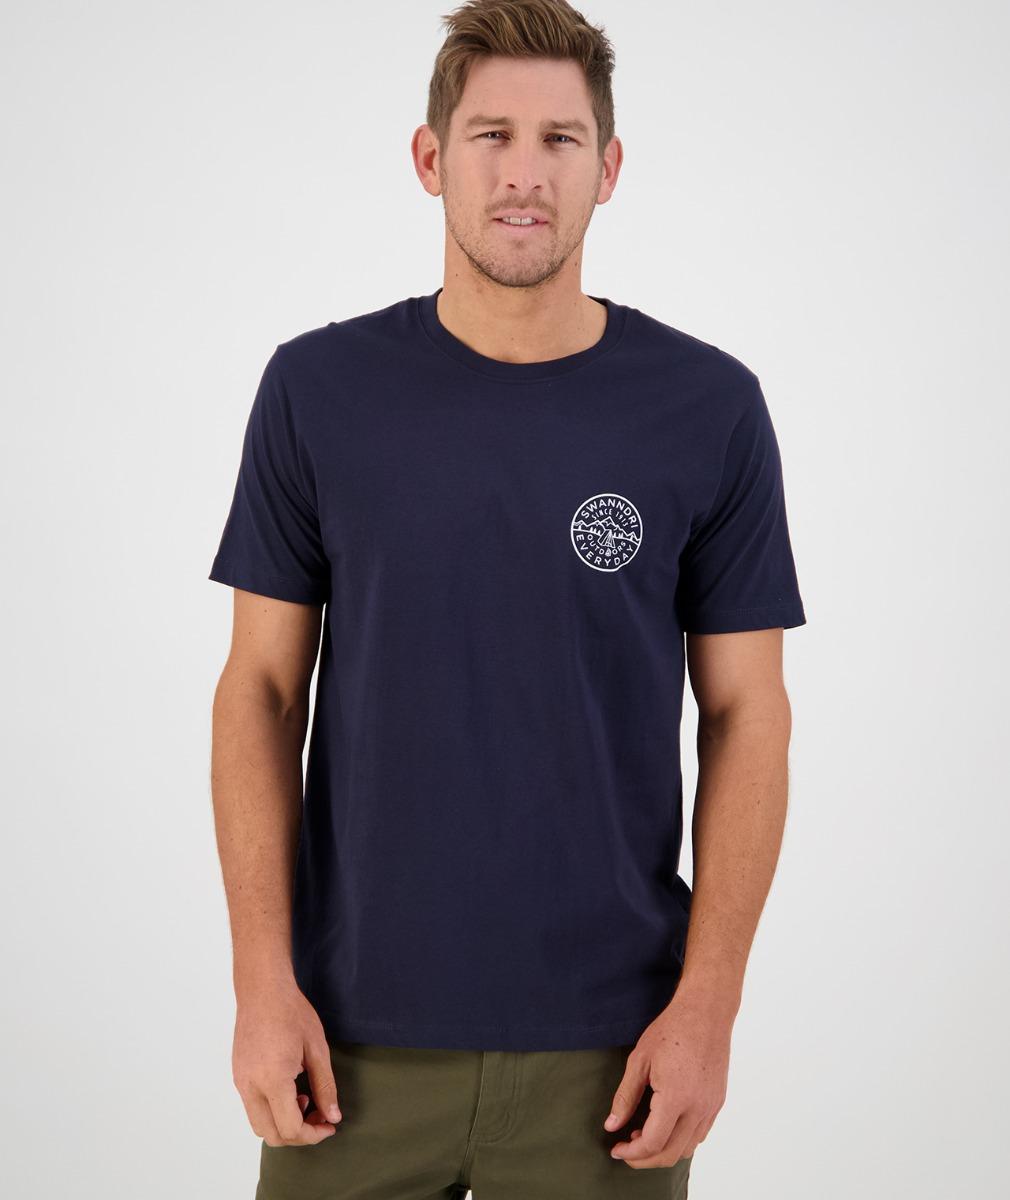 Swanndri Men's Fireside Print Tee in Navy/White